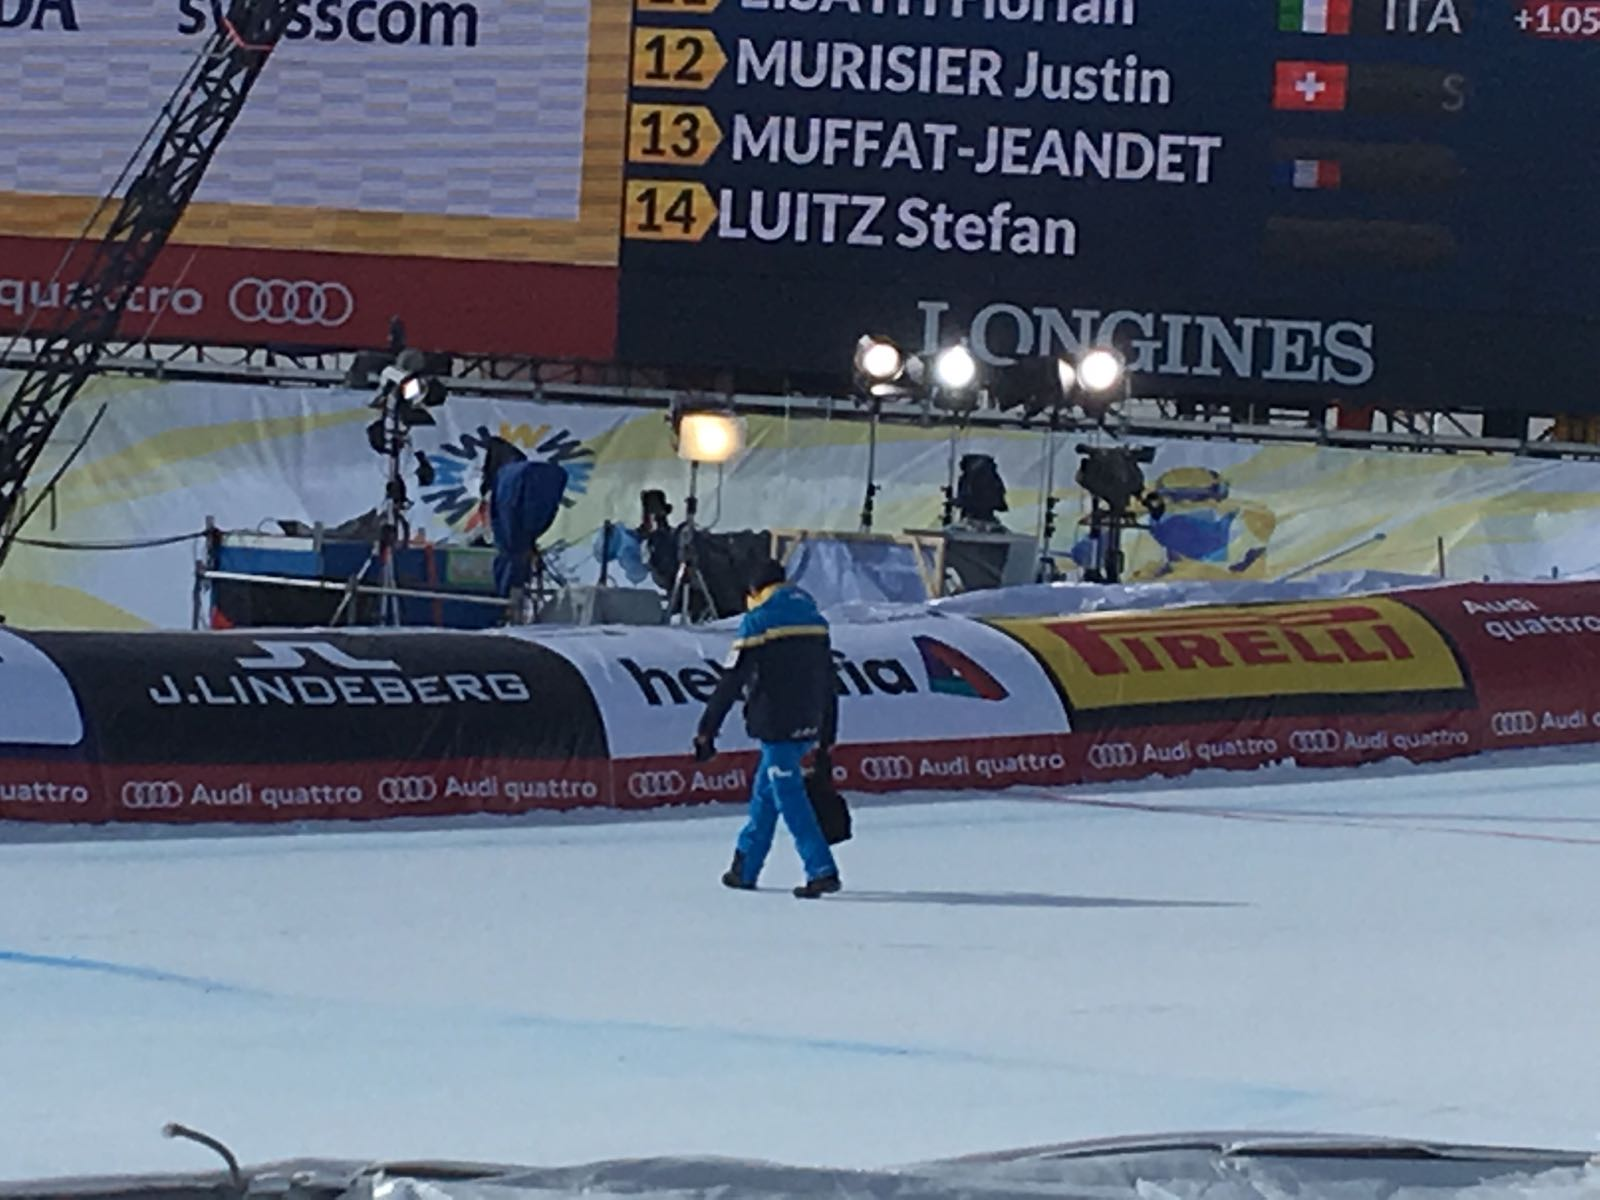 Flieger reißt Seilbahnkamera ab | Ski-WM schrammt an Katastrophe vorbei